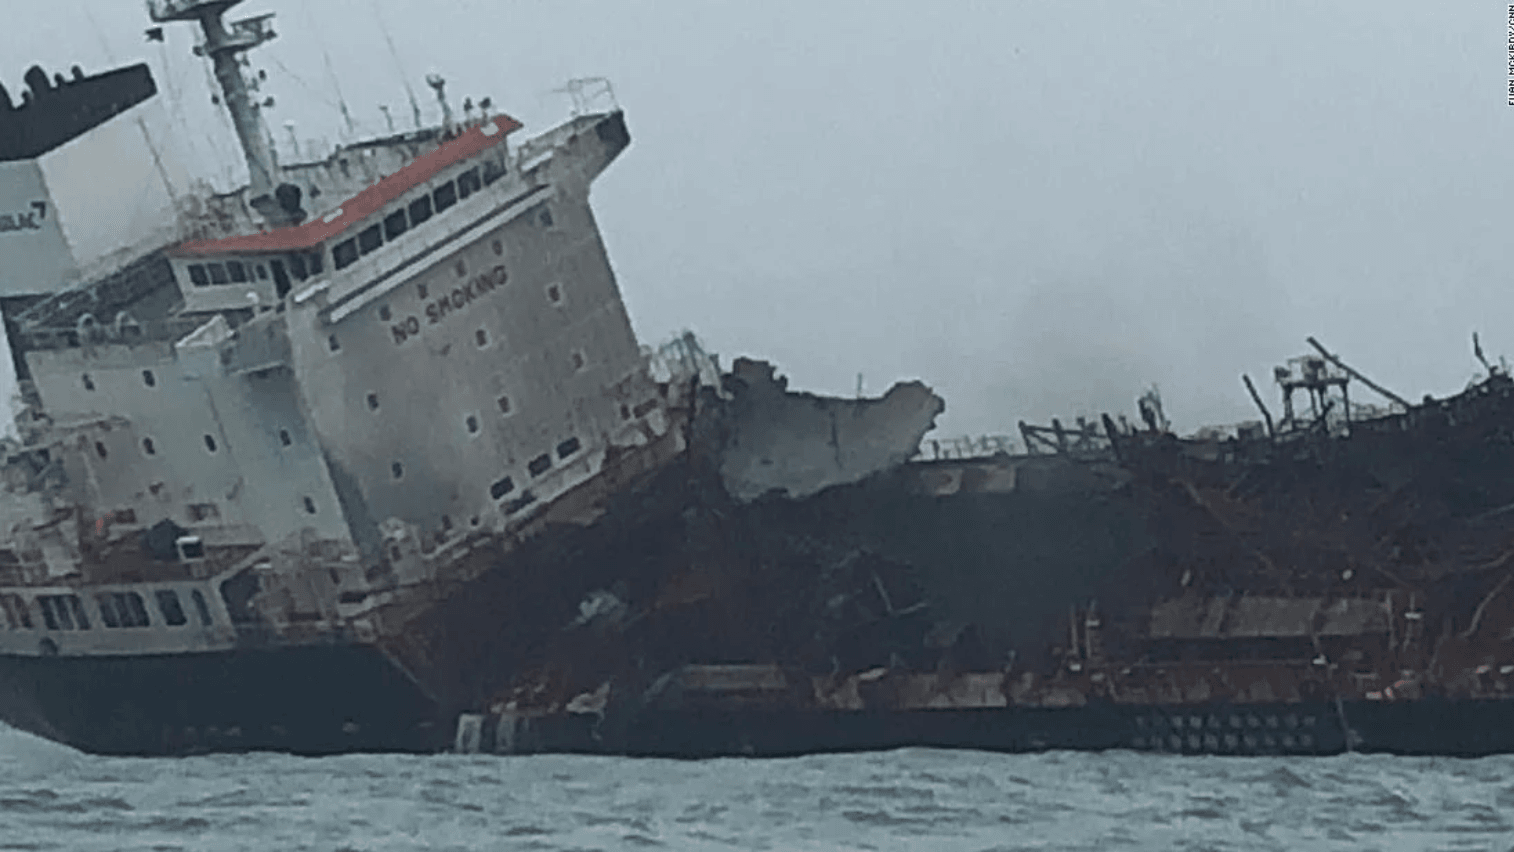 haberler, gundem - Ekran Resmi 2019 01 08 13.08.30 - Hong-Kongda Gemi Patlaması